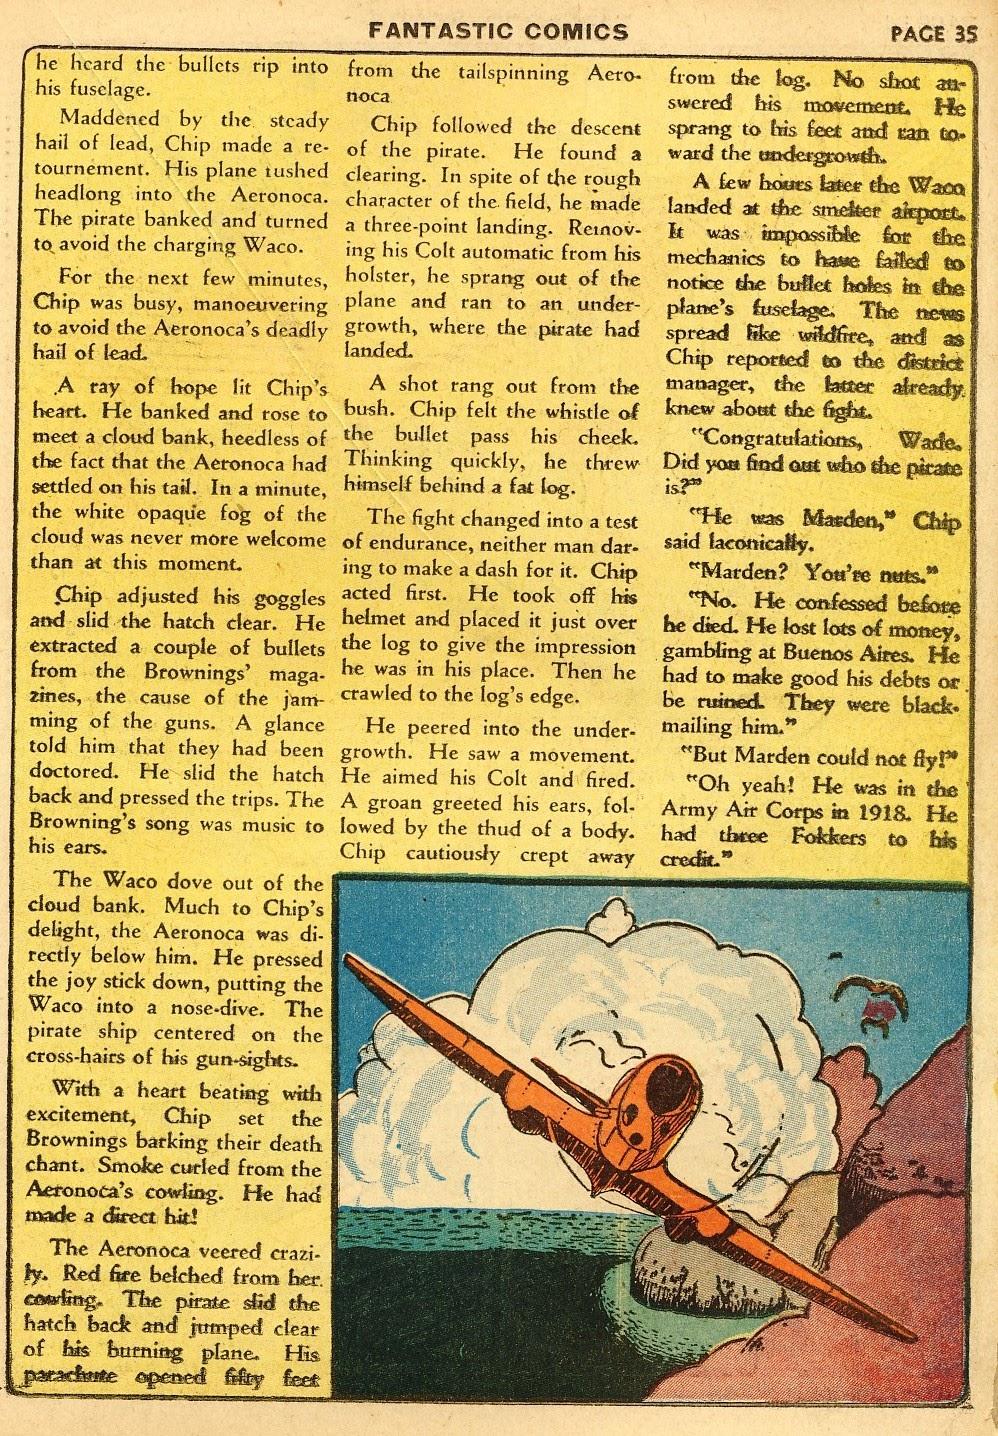 Read online Fantastic Comics comic -  Issue #10 - 36